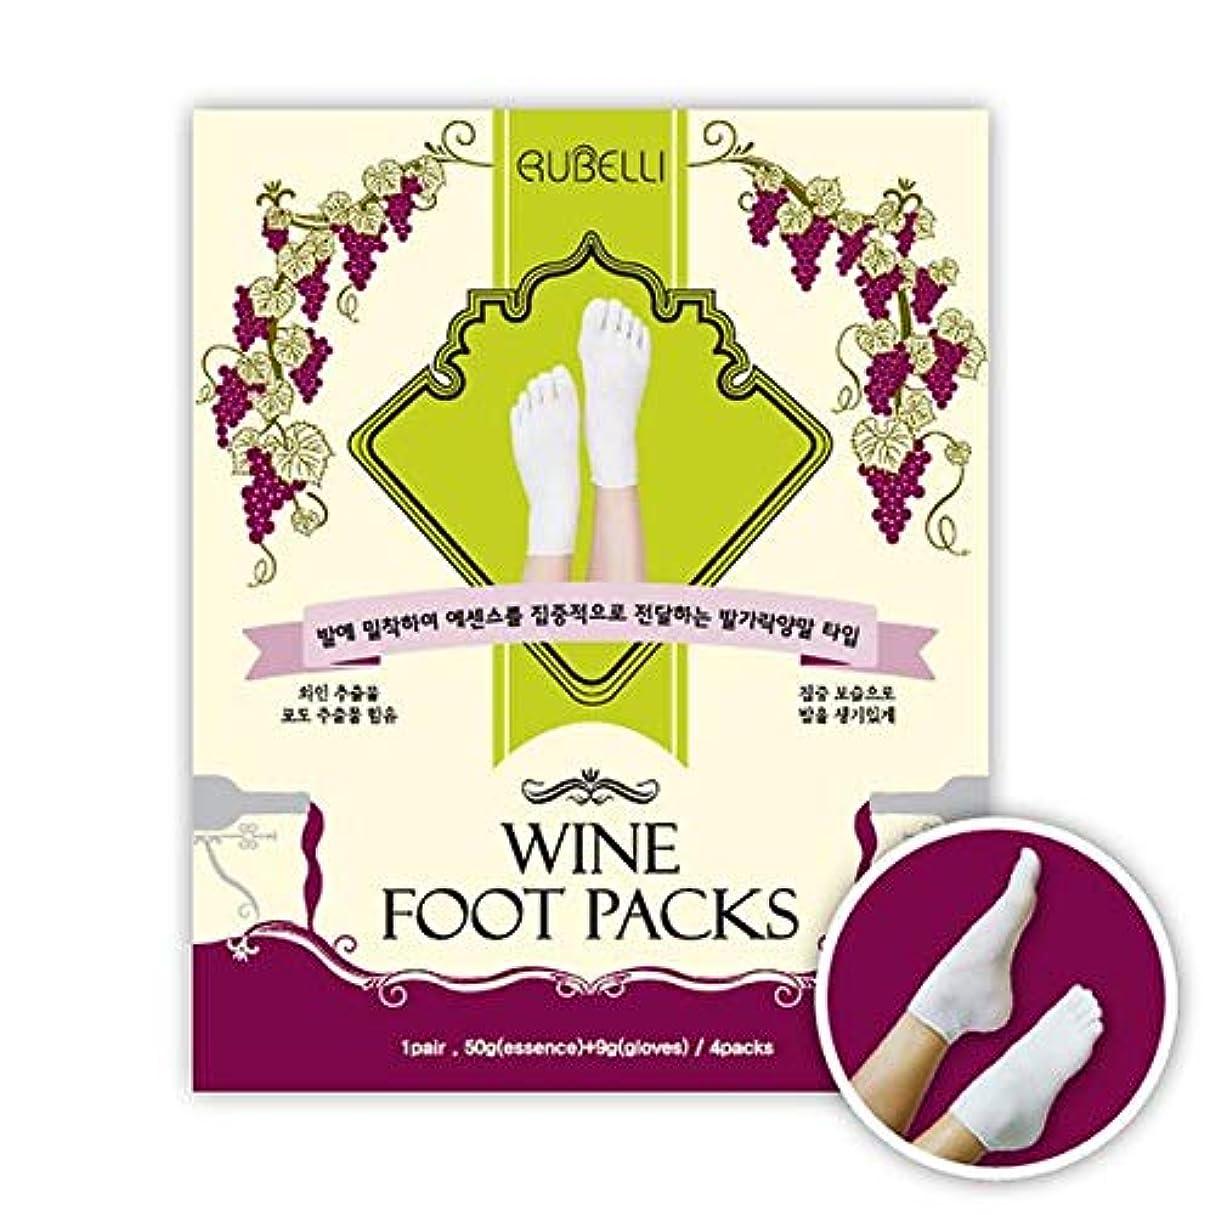 砂利栄養セクションルベリ[RUBELLI] ワインフットパック59gx4ea自宅でセルフフットケア、保湿 (Wine Foot Packs)